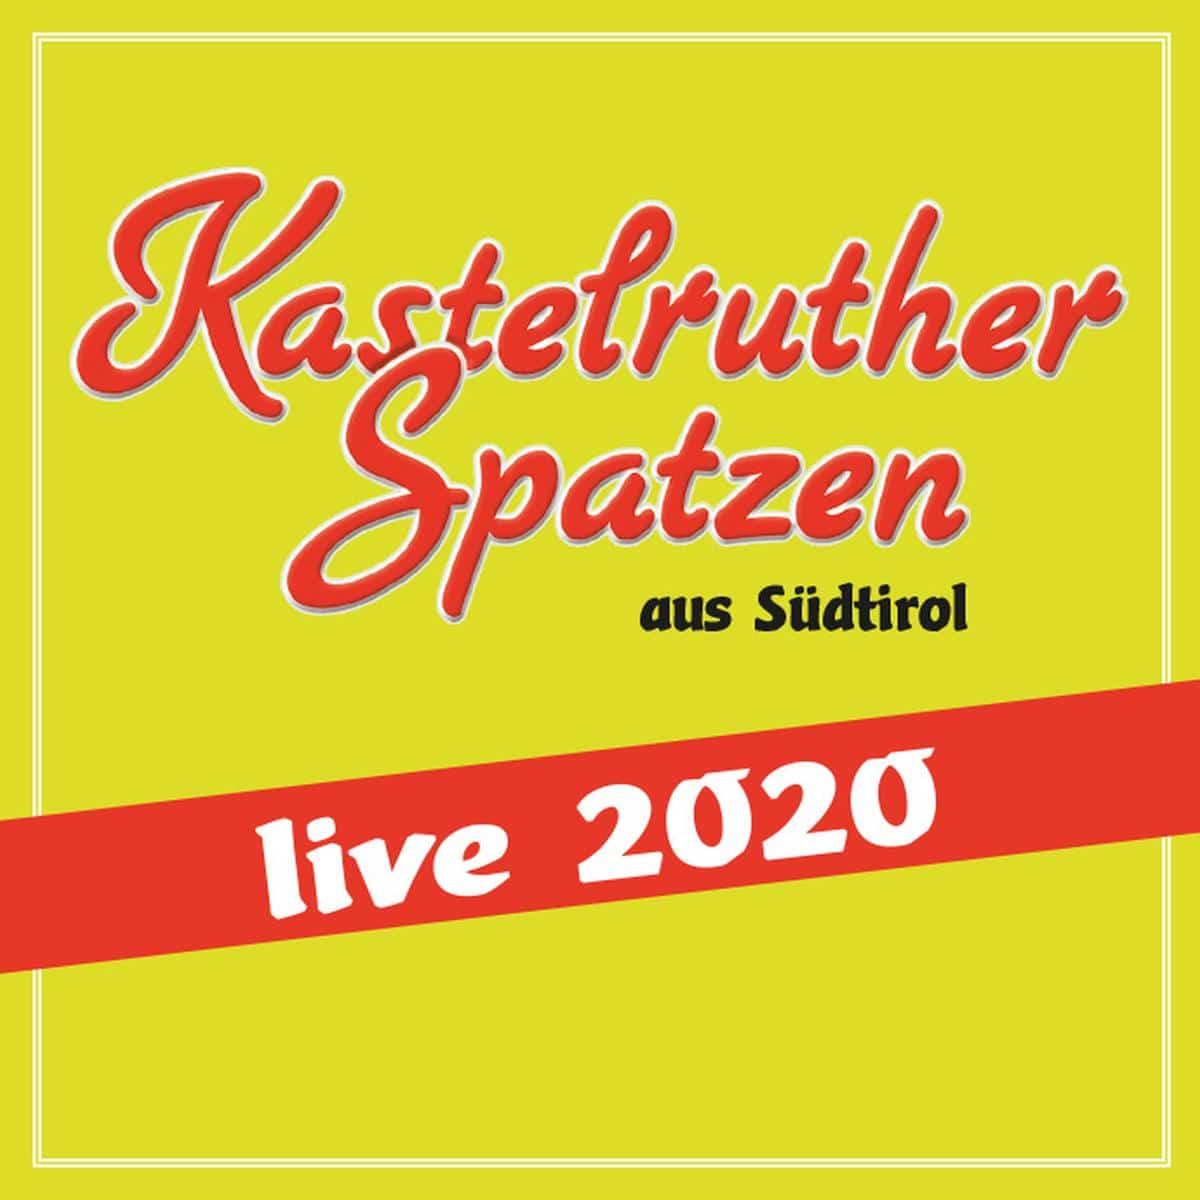 KASTELRUTHER SPATZEN aus Südtirol live 2020